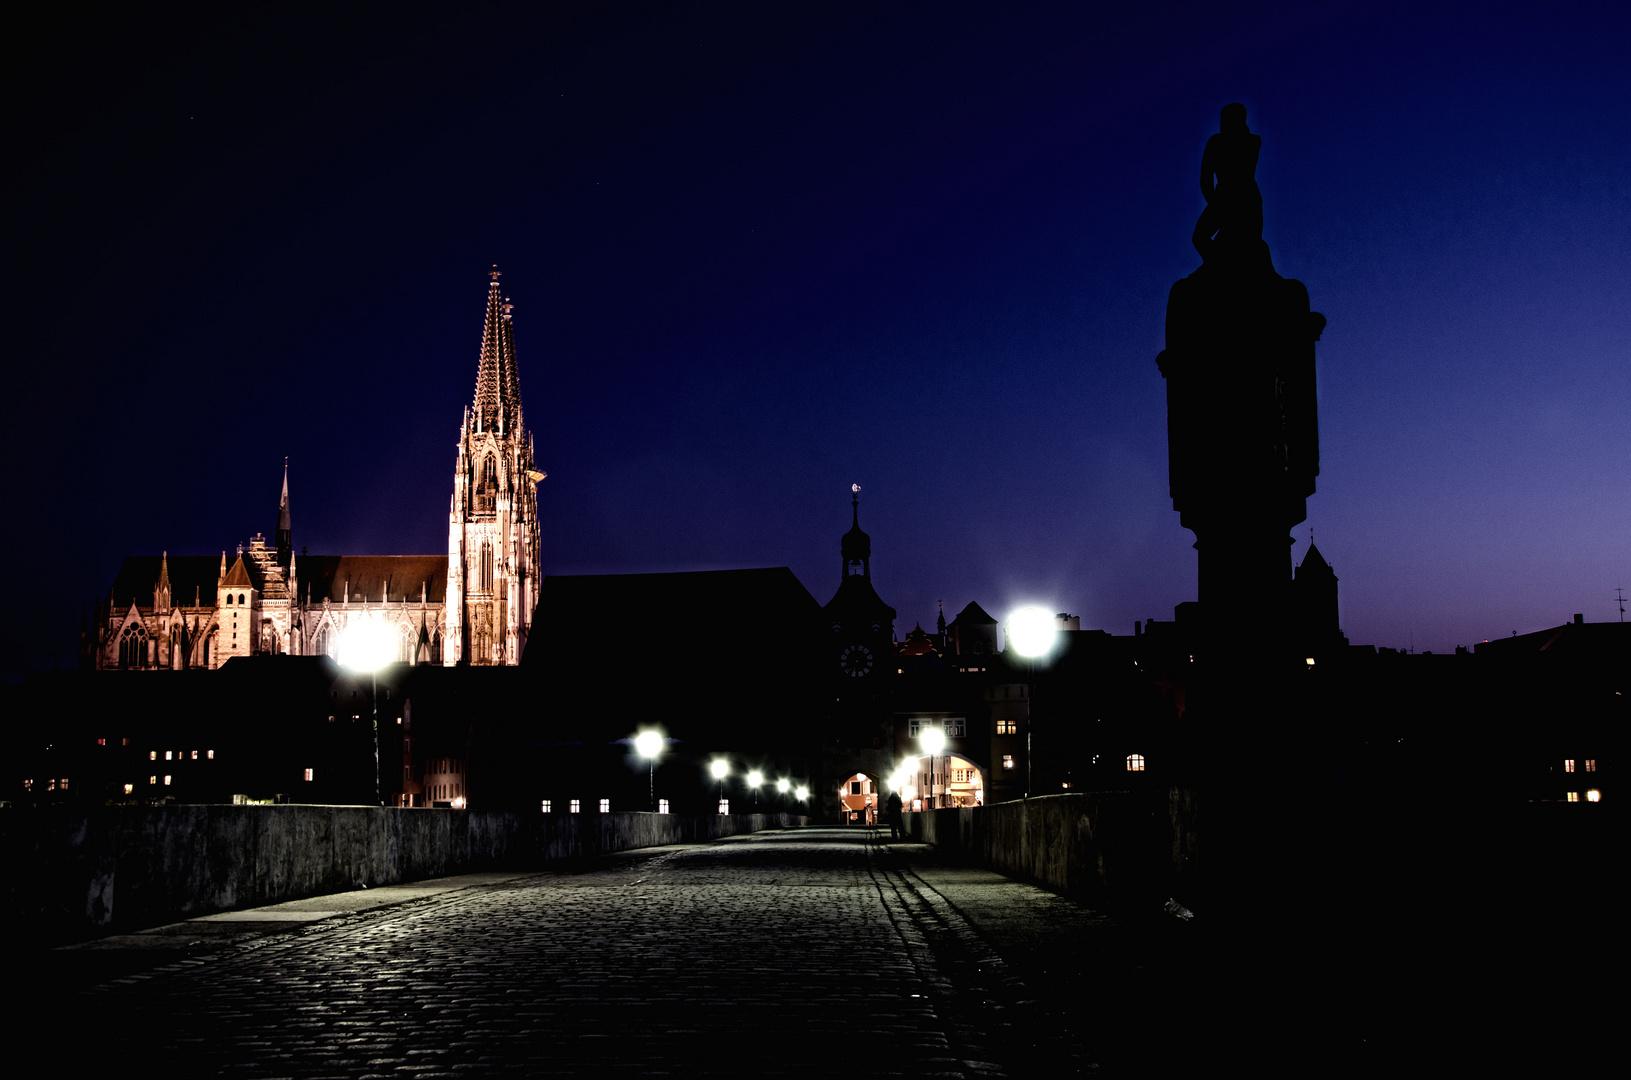 Regensburg@BleachBypass